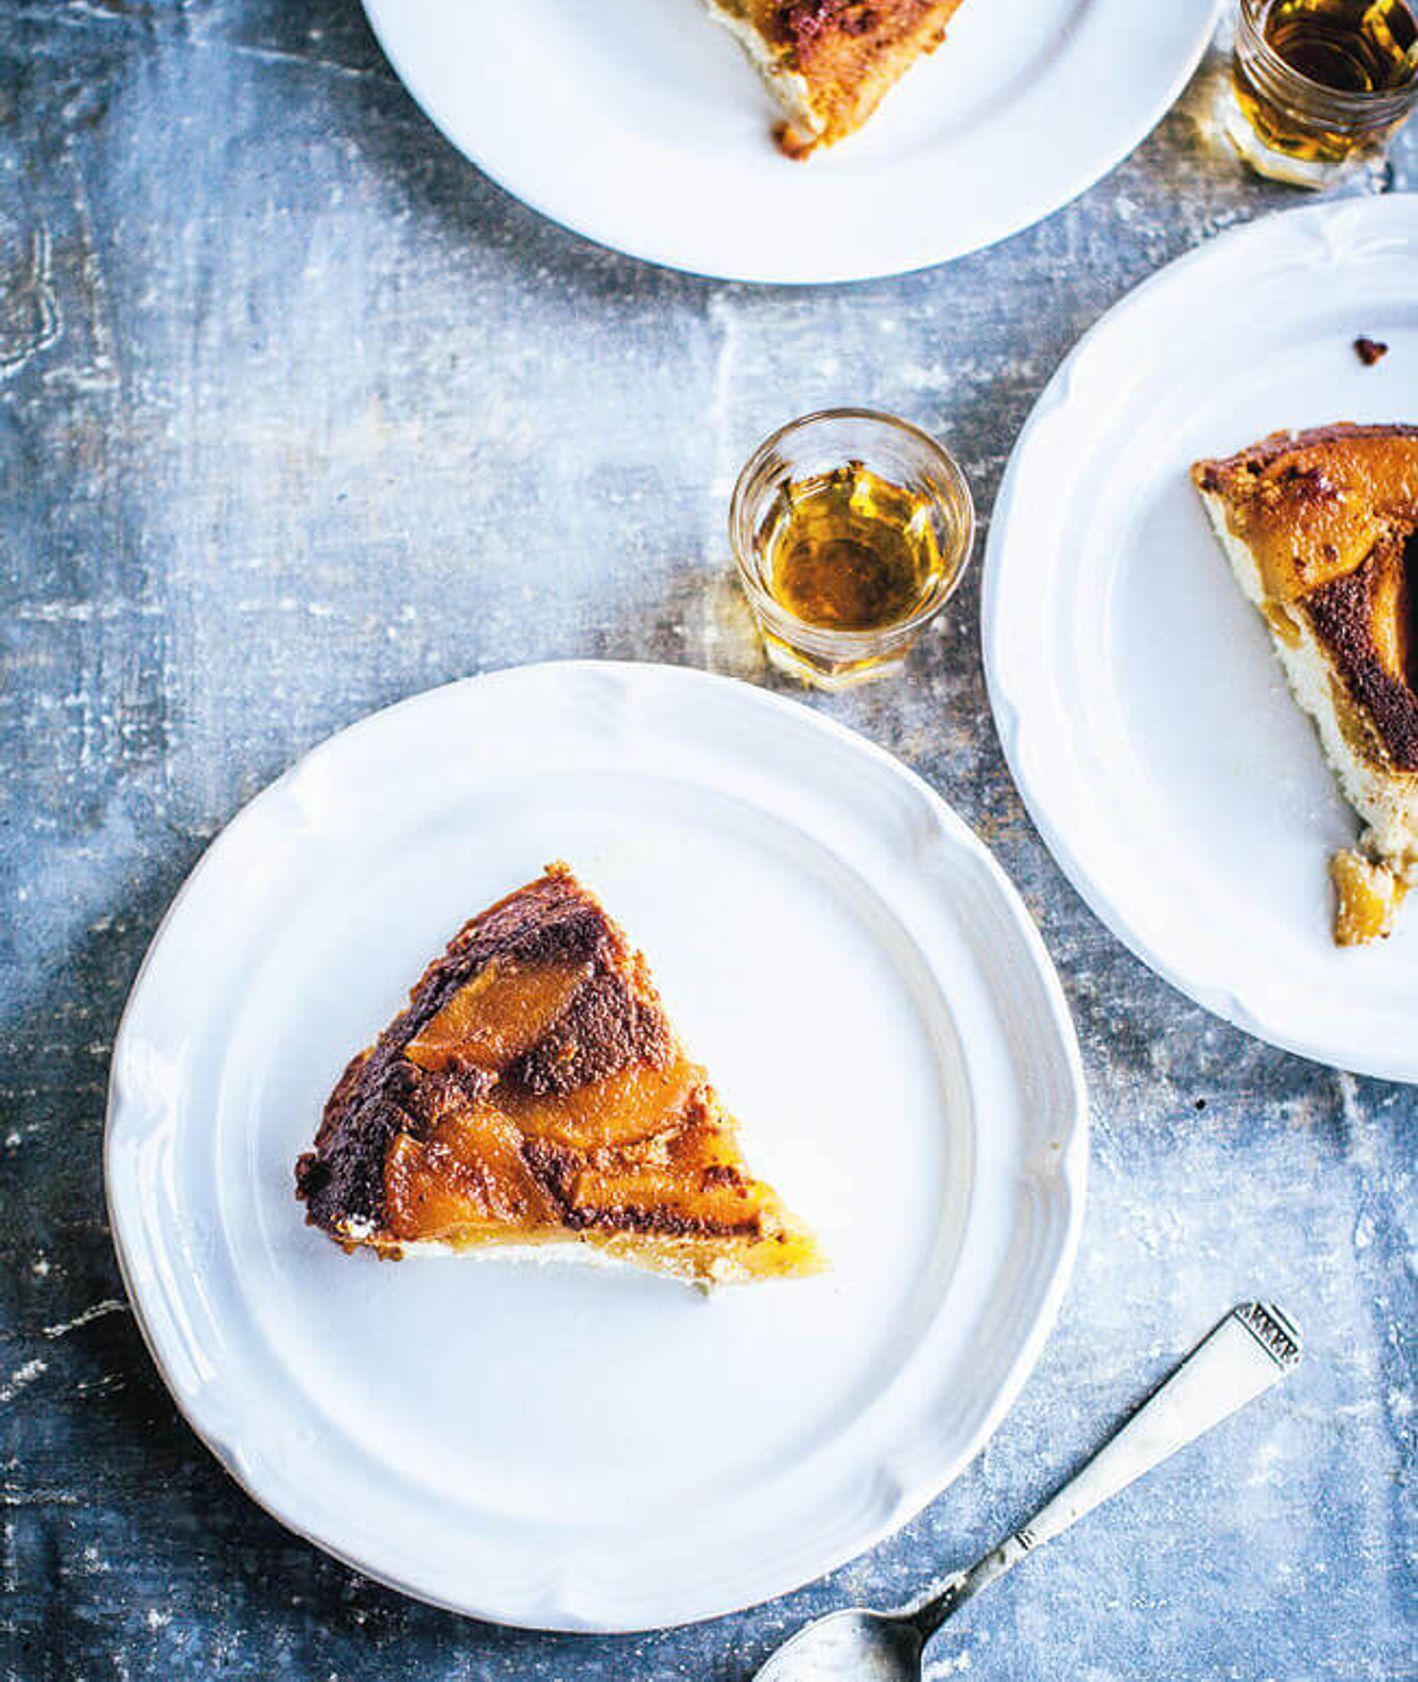 pieczona ricotta, sernik z ricotty, ciasto z jabłkami, szybkie ciasto z jabłkami, sernik, ciasto z alkoholem, ciasto na niedzielę, pieczona ricotta z jabłkami, szybki deser